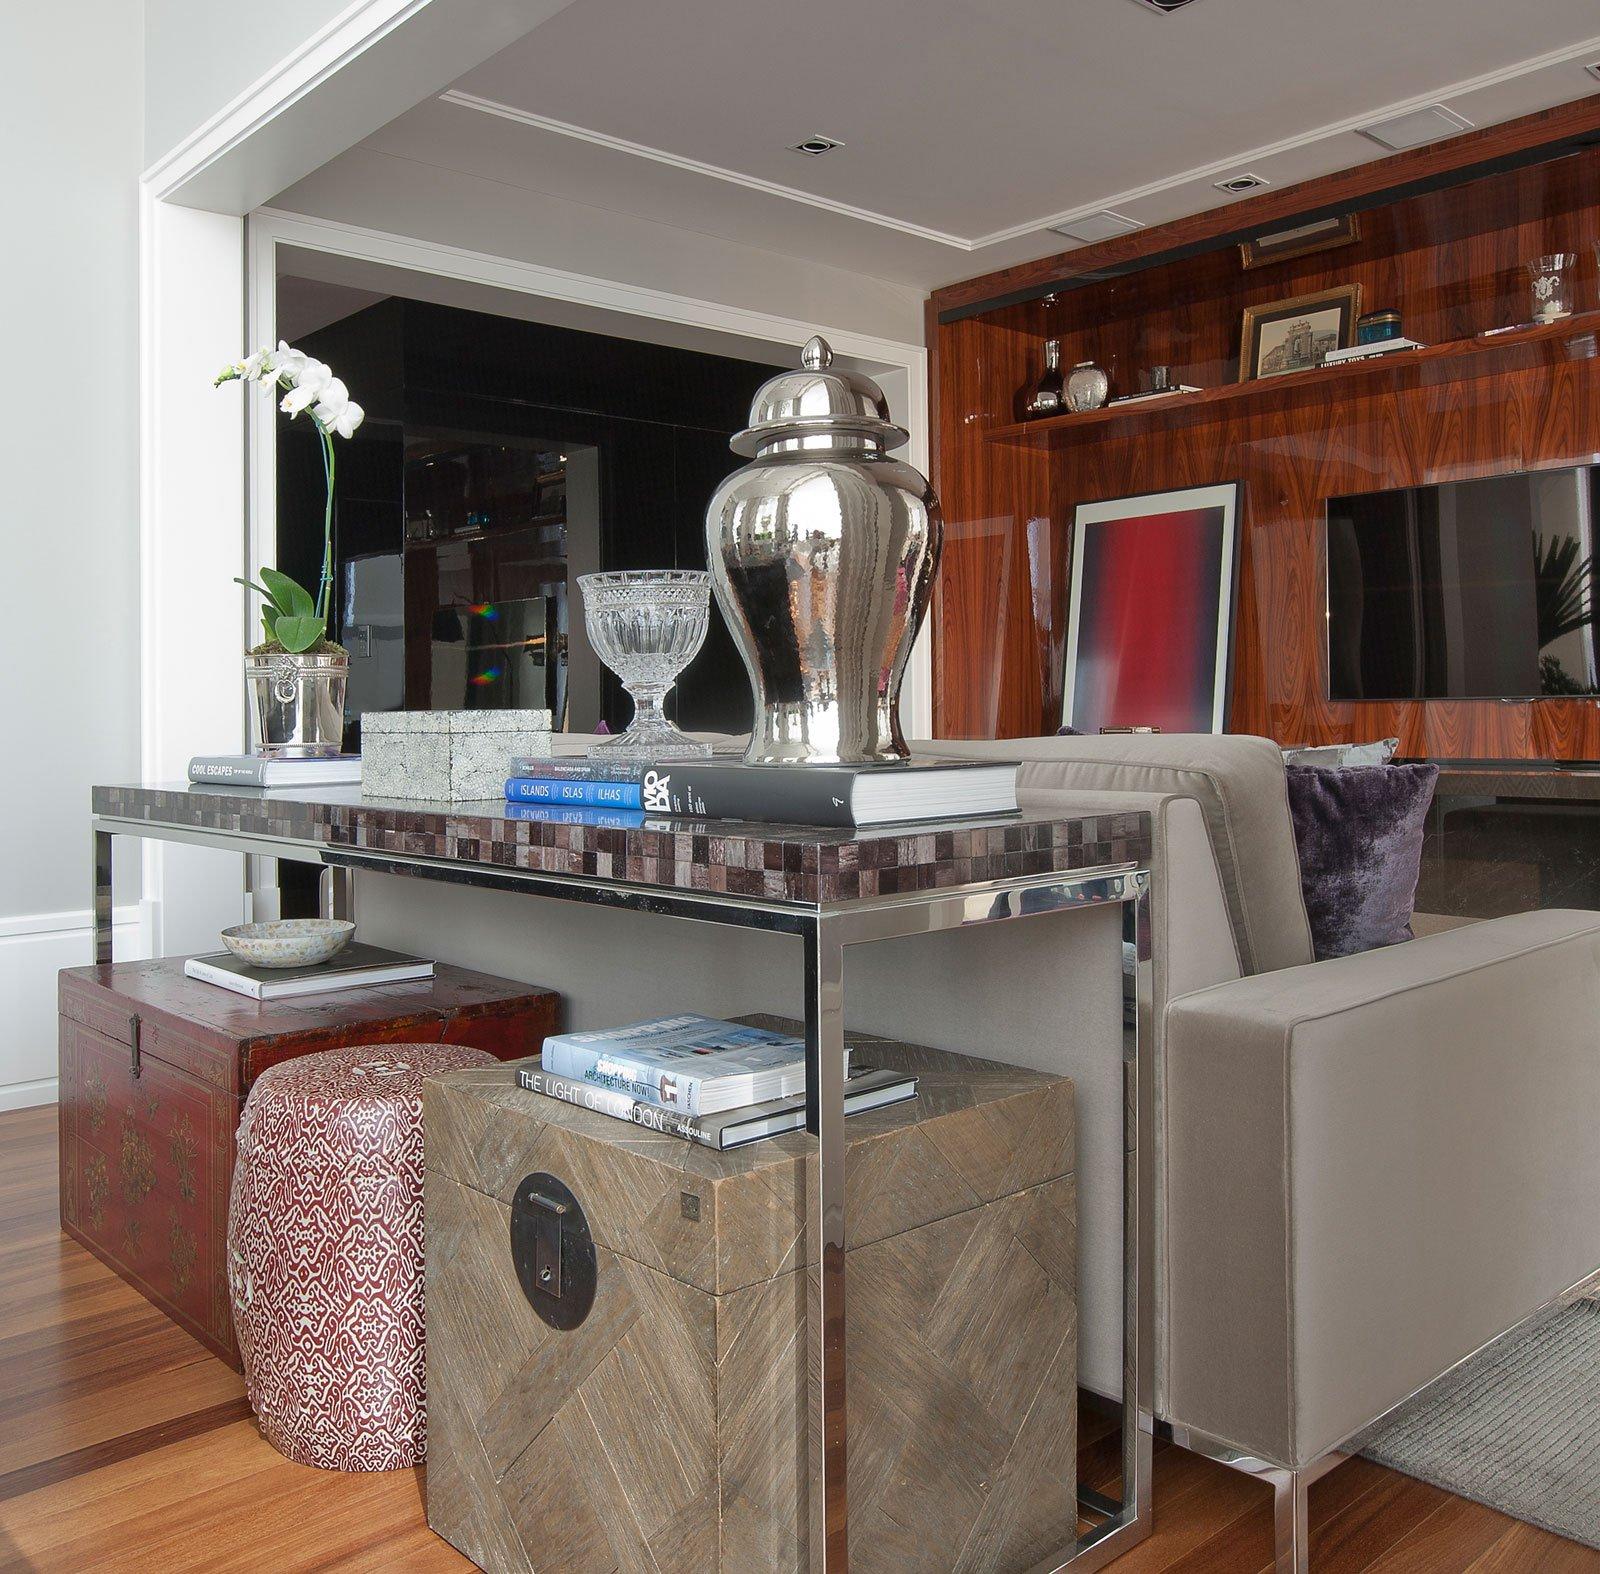 Elegant Home Interiors: An-Elegant-Interior-08